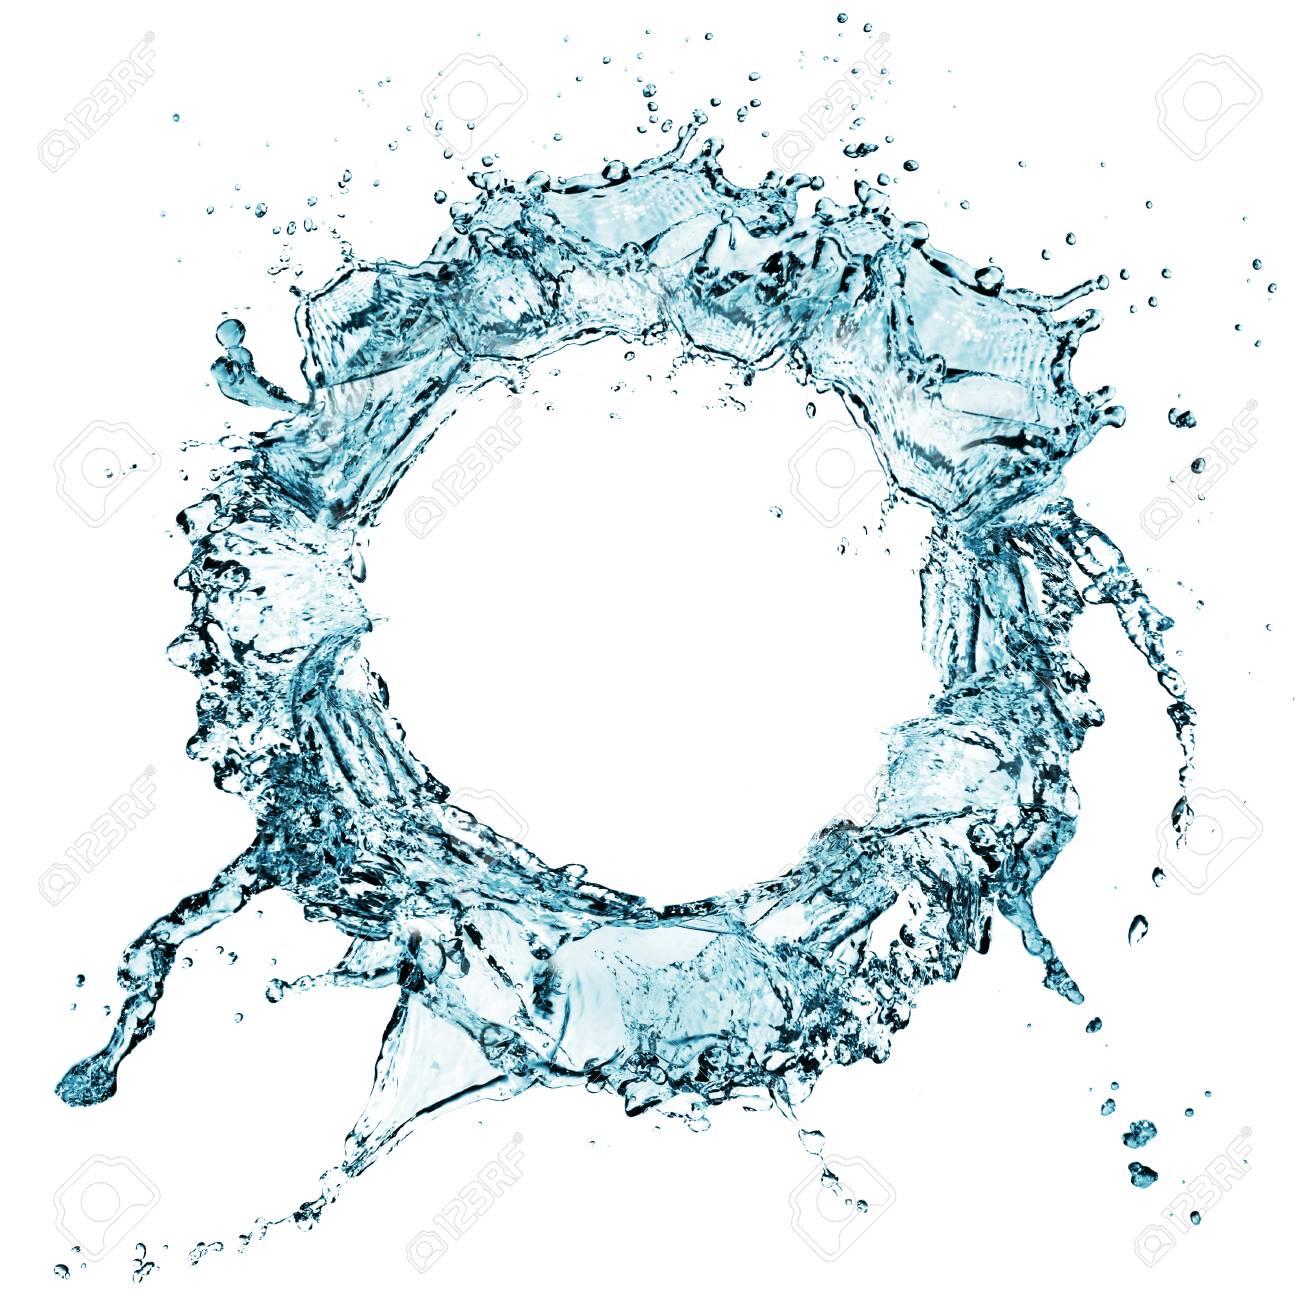 blue water splash isolated on white background Stock Photo - 17566371